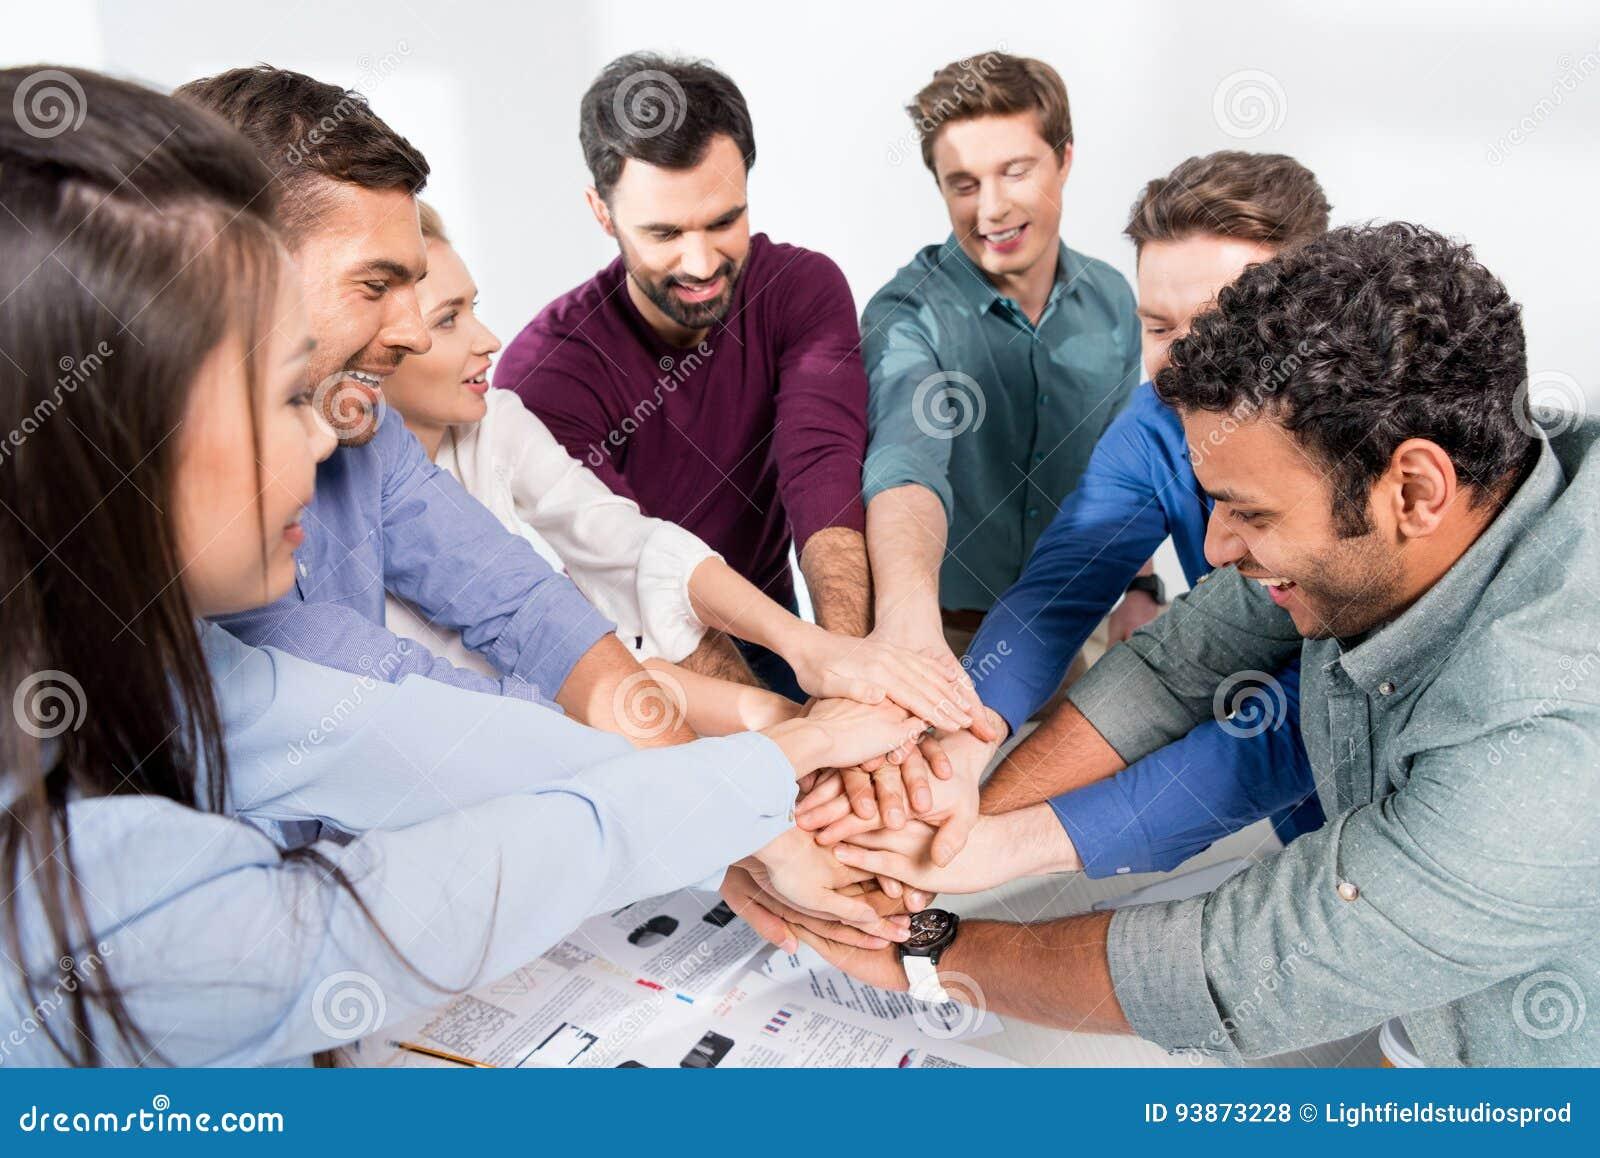 Δόσιμο επιχειρησιακών ομάδων highfive μαζί στον εργασιακό χώρο στην αρχή